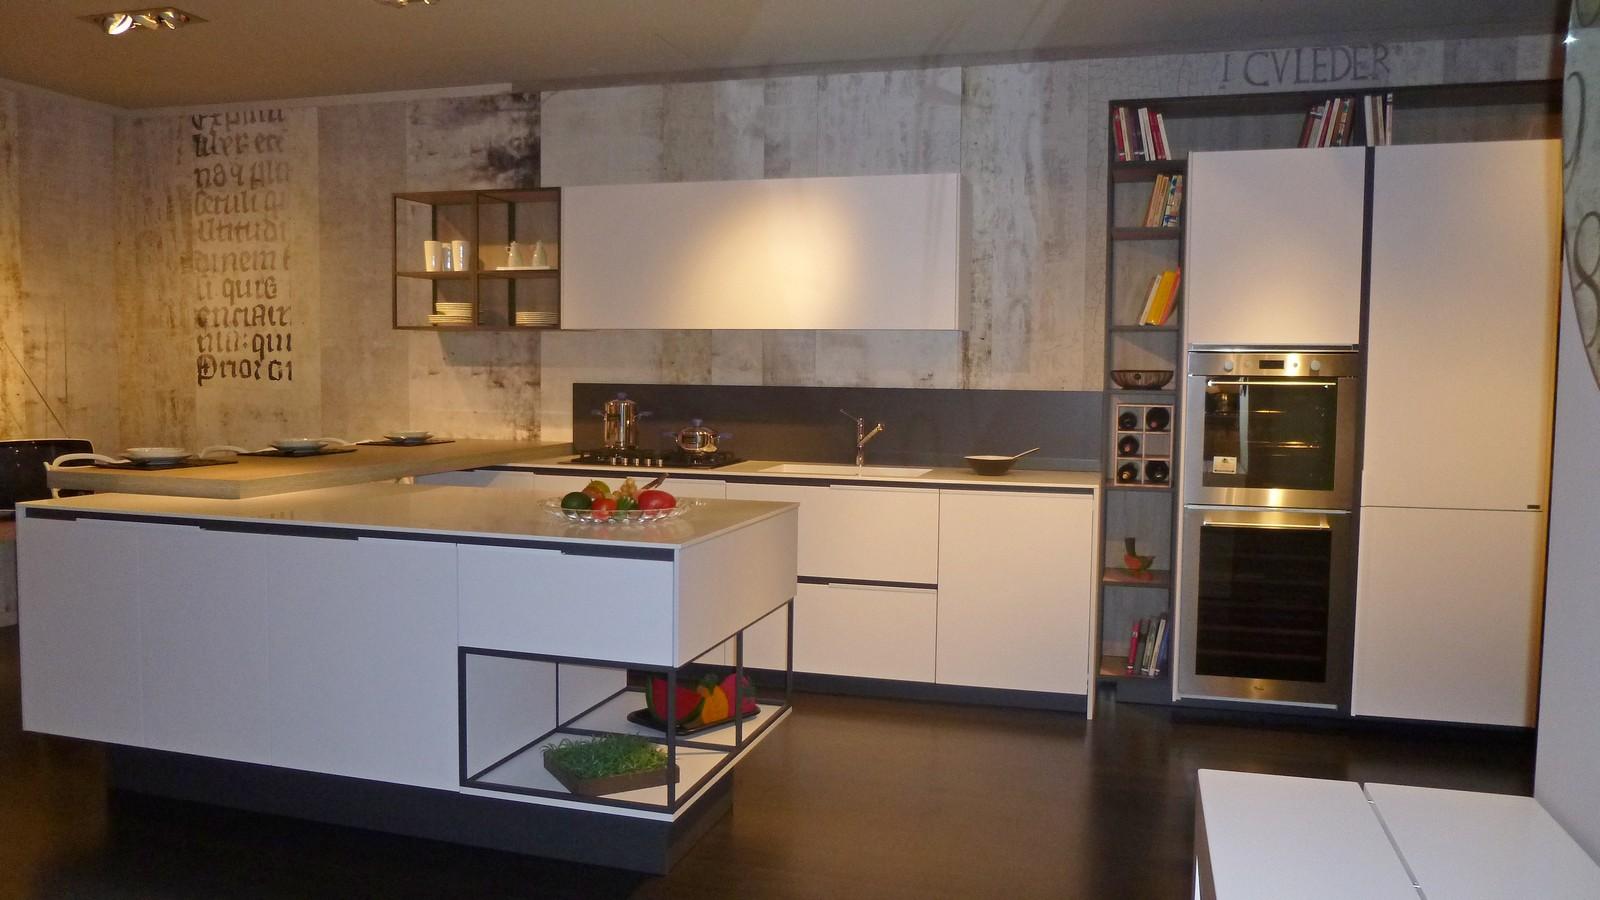 promozione cucine Snaidero -  modello Orange Evolution vista con isola centrale .JPG